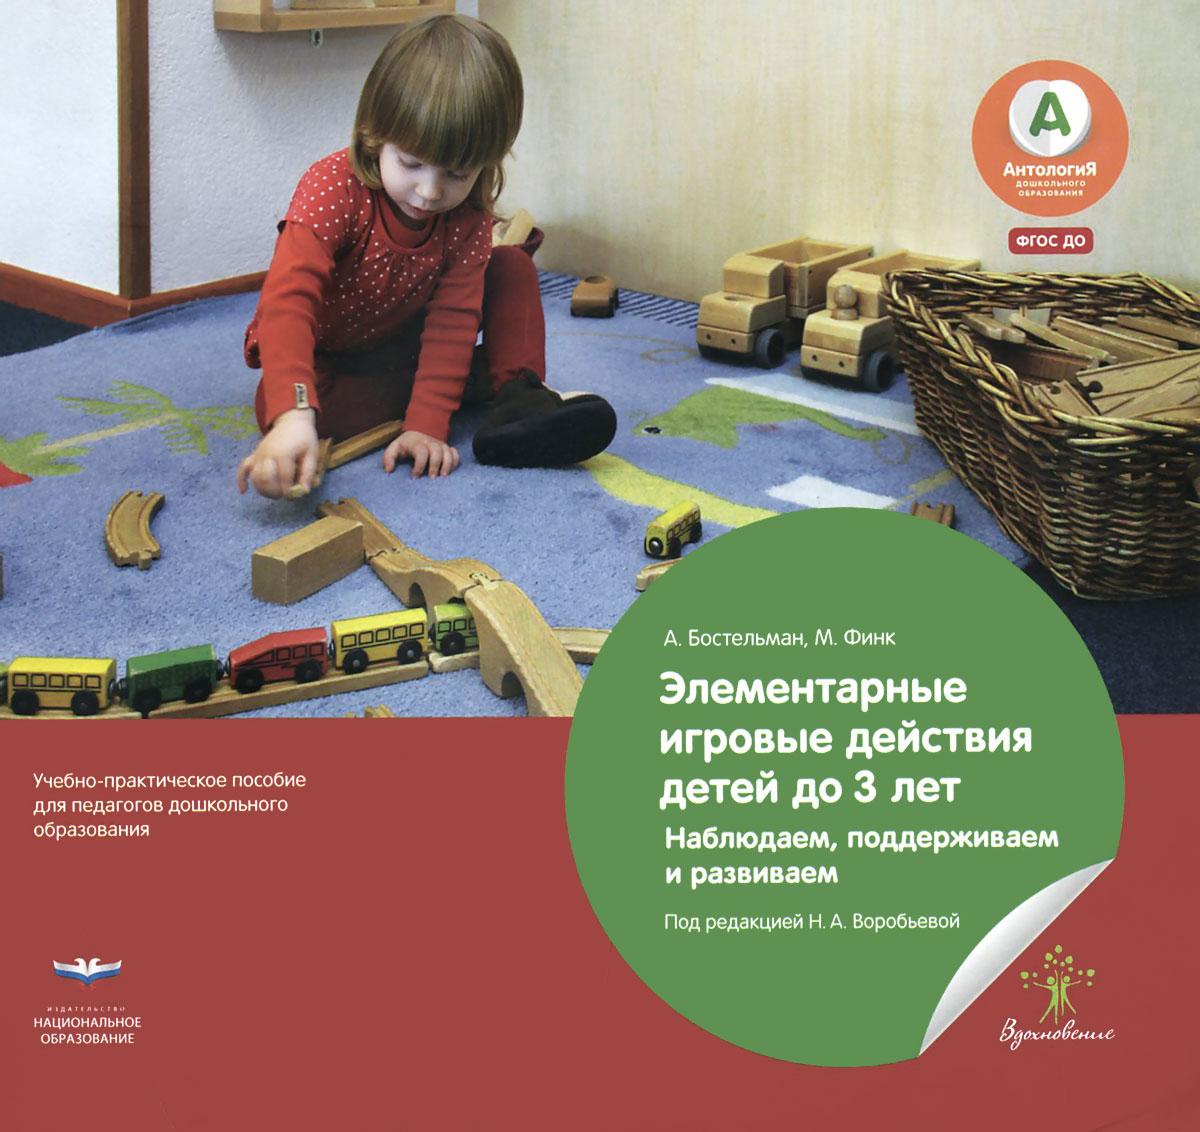 Элементарные игровые действия детей до 3 лет. Наблюдаем, поддерживаем и развиваем, А. Бостельман,М. Финк